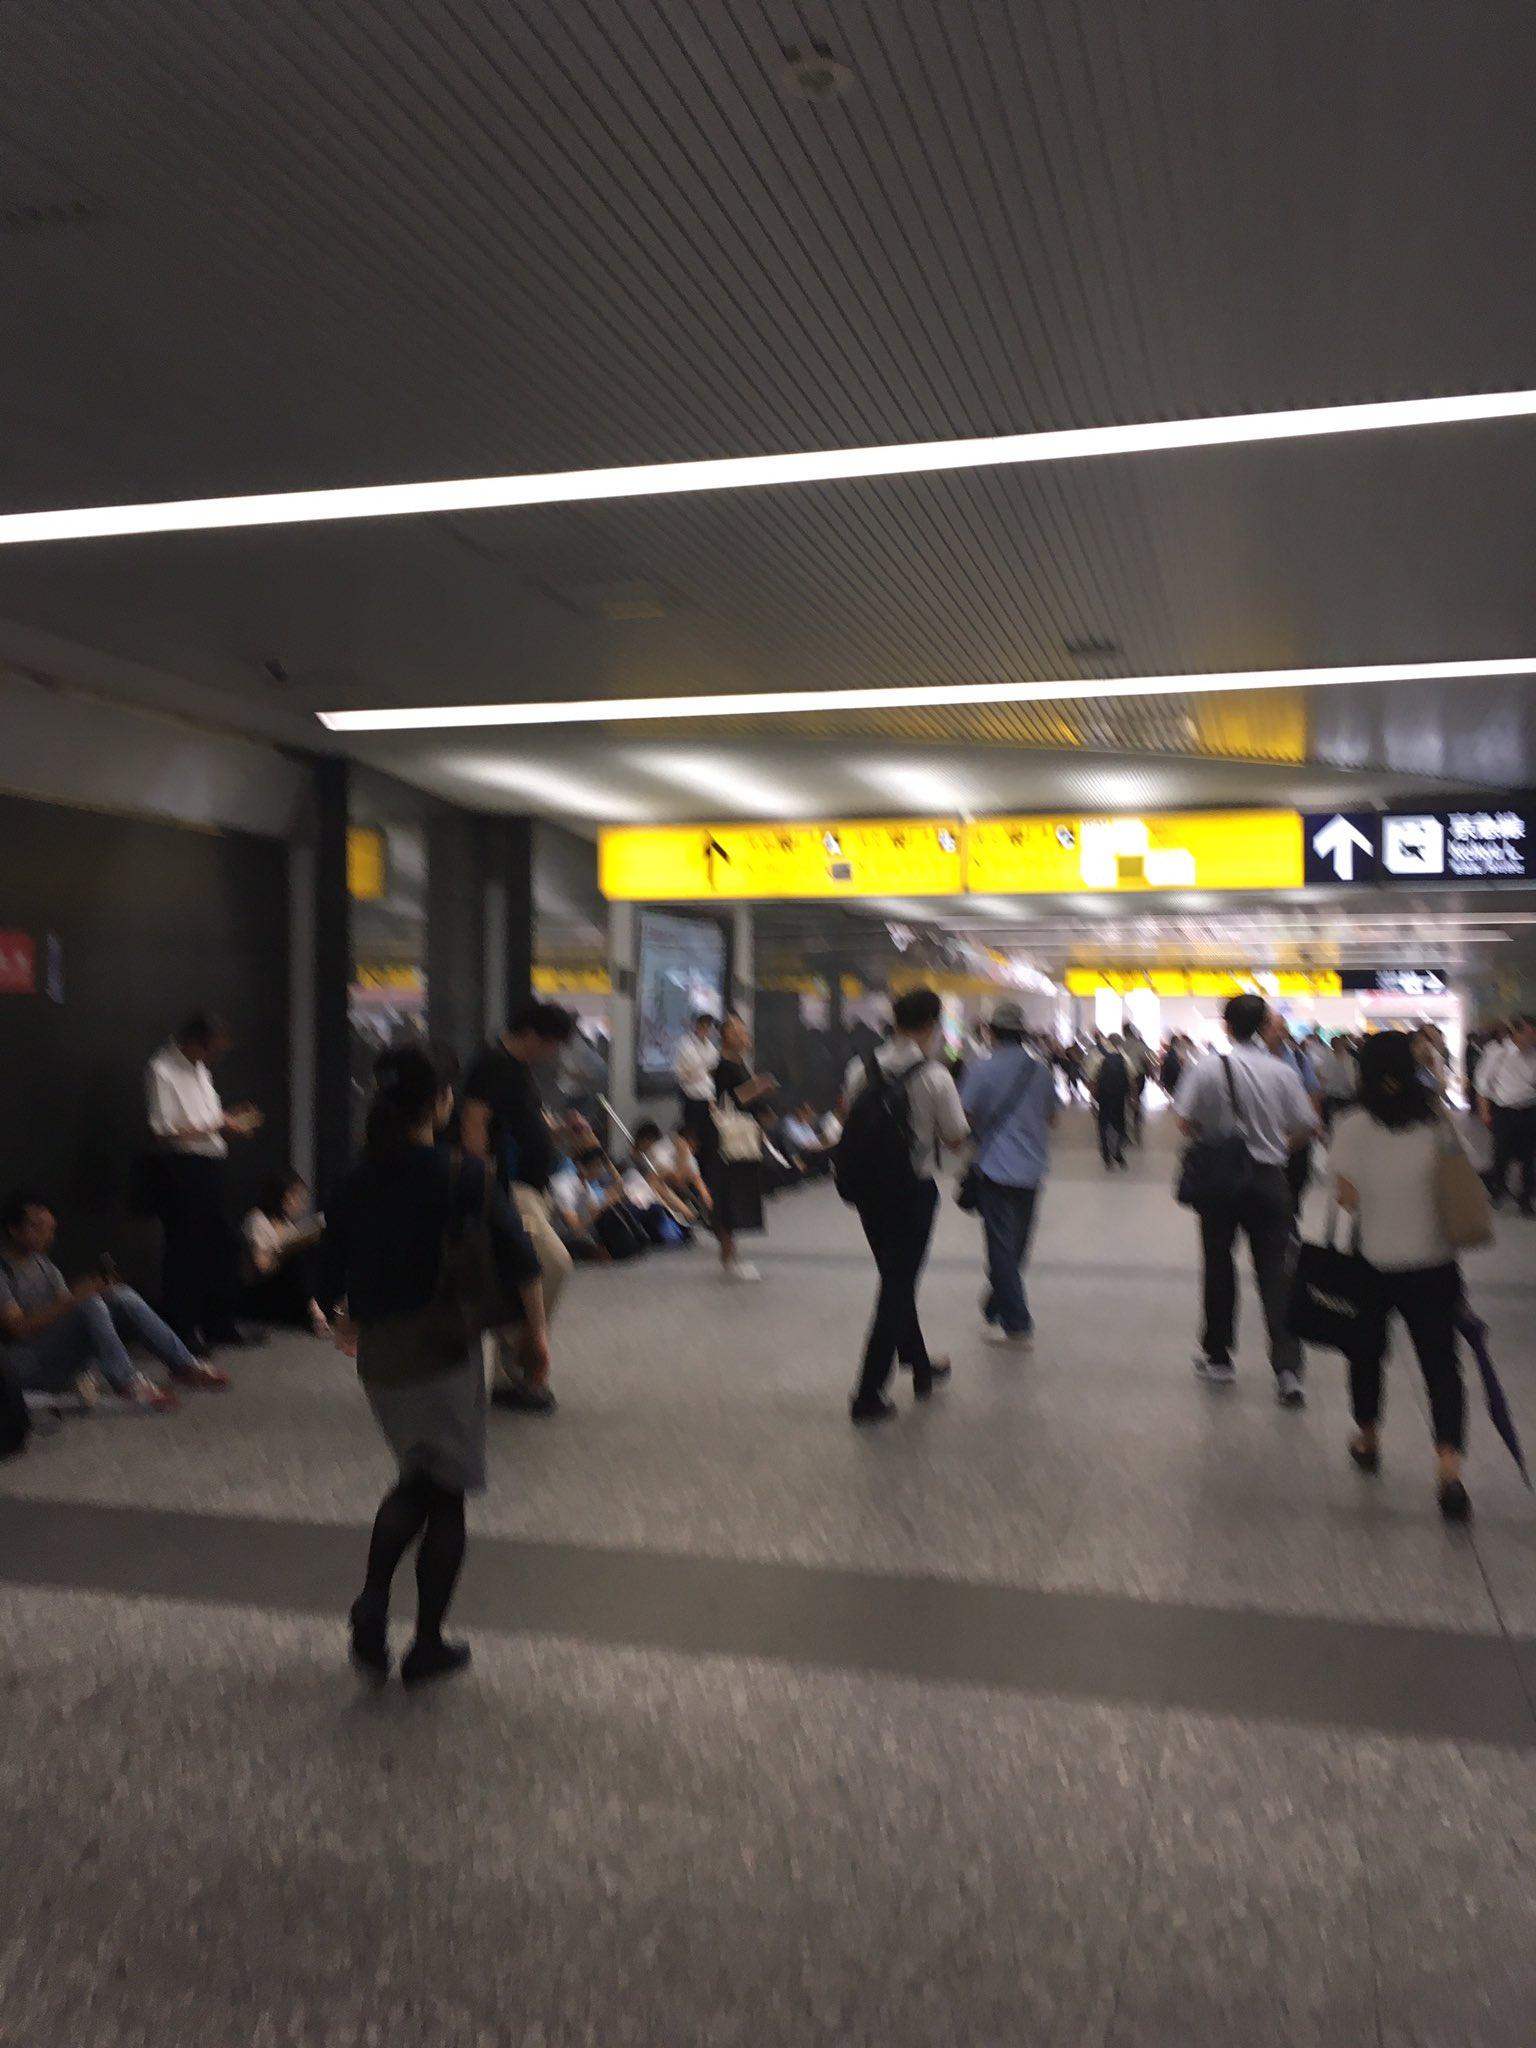 画像,横浜駅きた改札。京急は、入場規制しながら改札を通してた。JRは改札閉鎖。並んで待ってる人、諦めて座り込んでる人。 https://t.co/Cw8nAfqSA3…